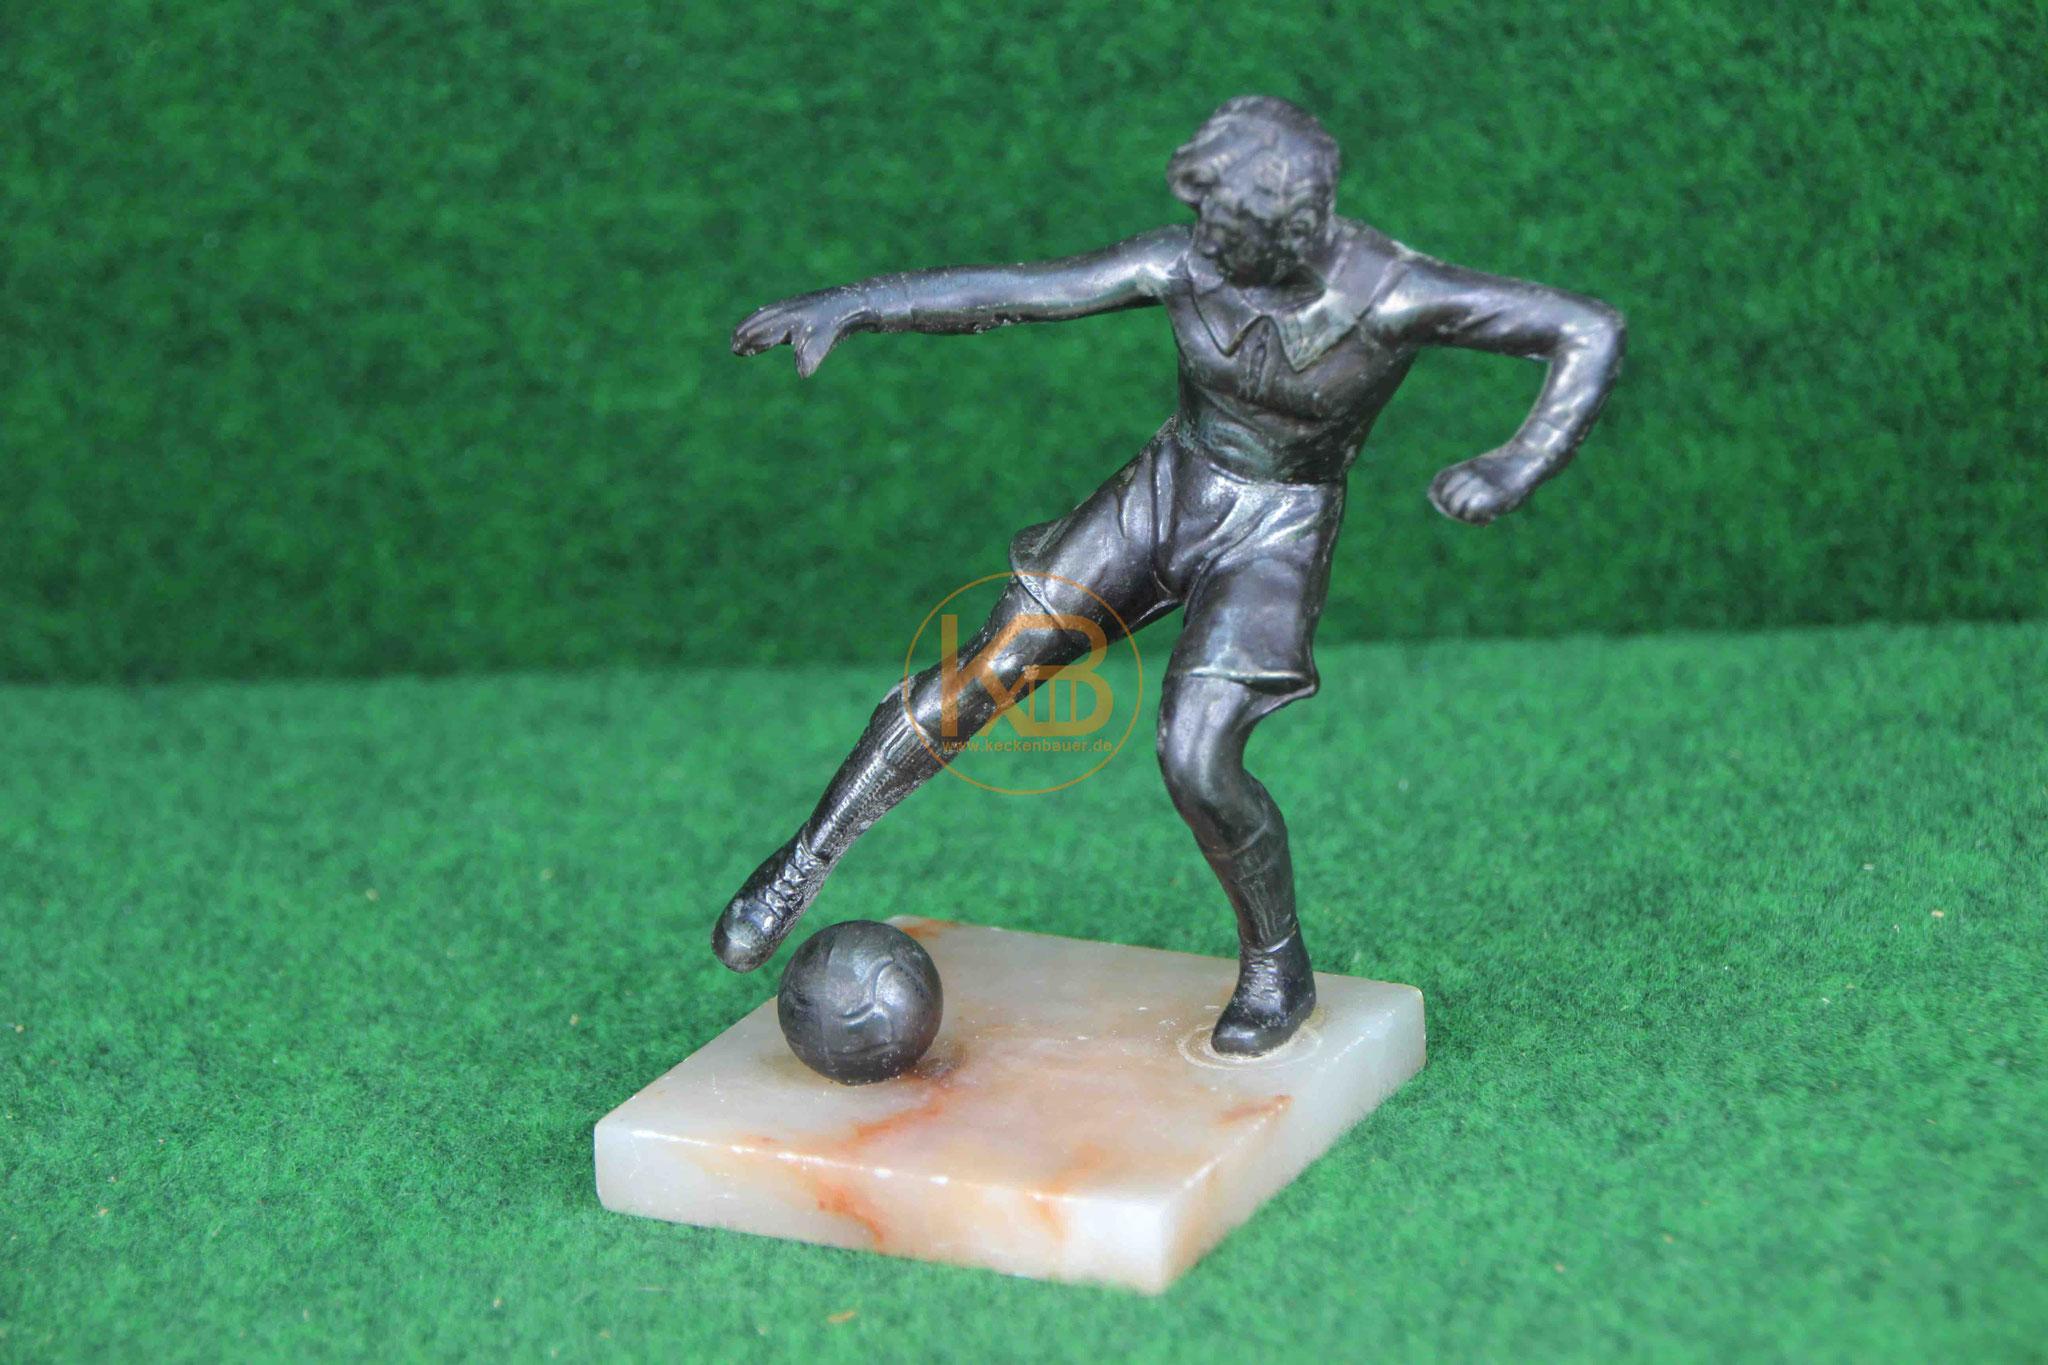 Alte Figur Fussballspieler beim Schuss ca. aus den 30er - 40er Jahren. Sehr schöne realistisch dargestellte Figur auf einem Marmorsockel.